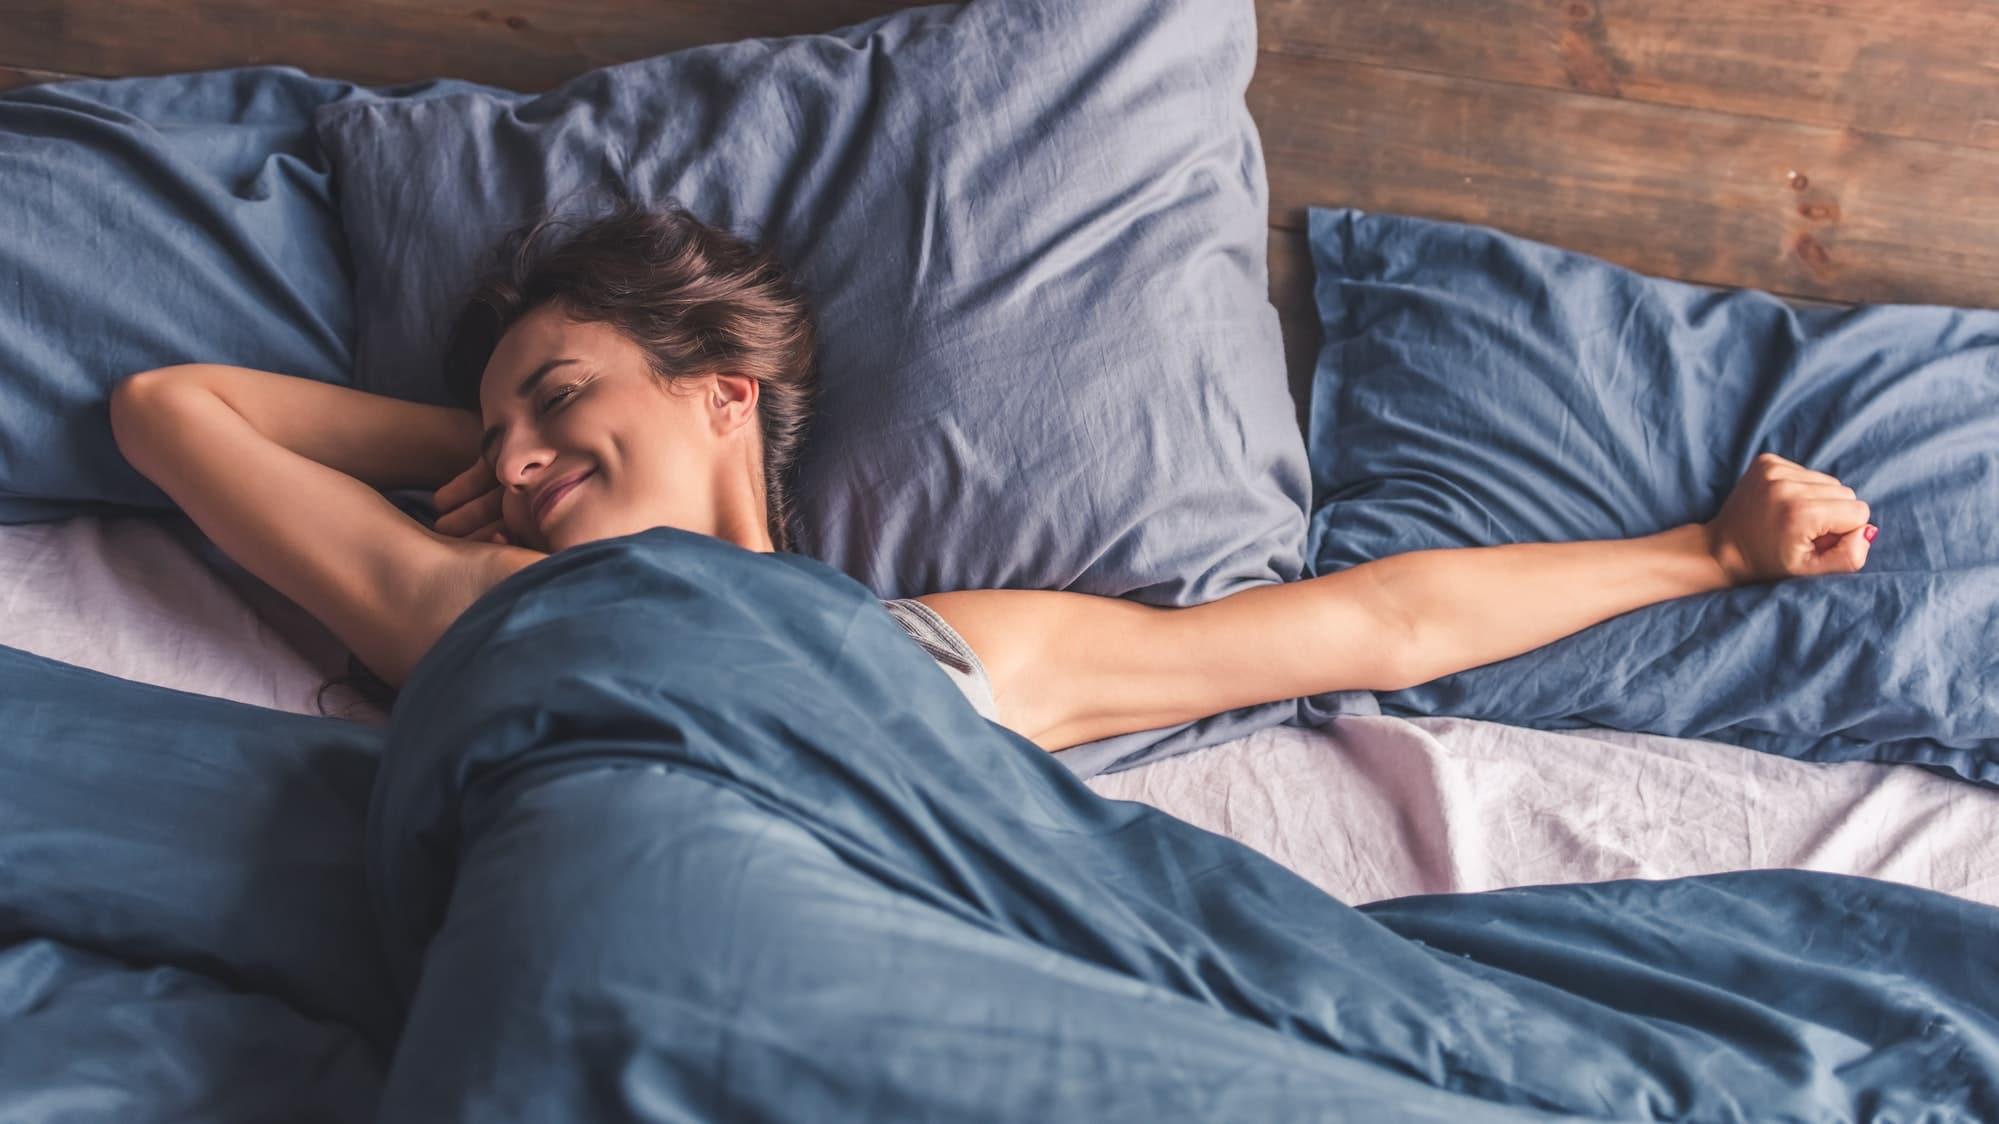 benessere emotivo: qualità del sonno